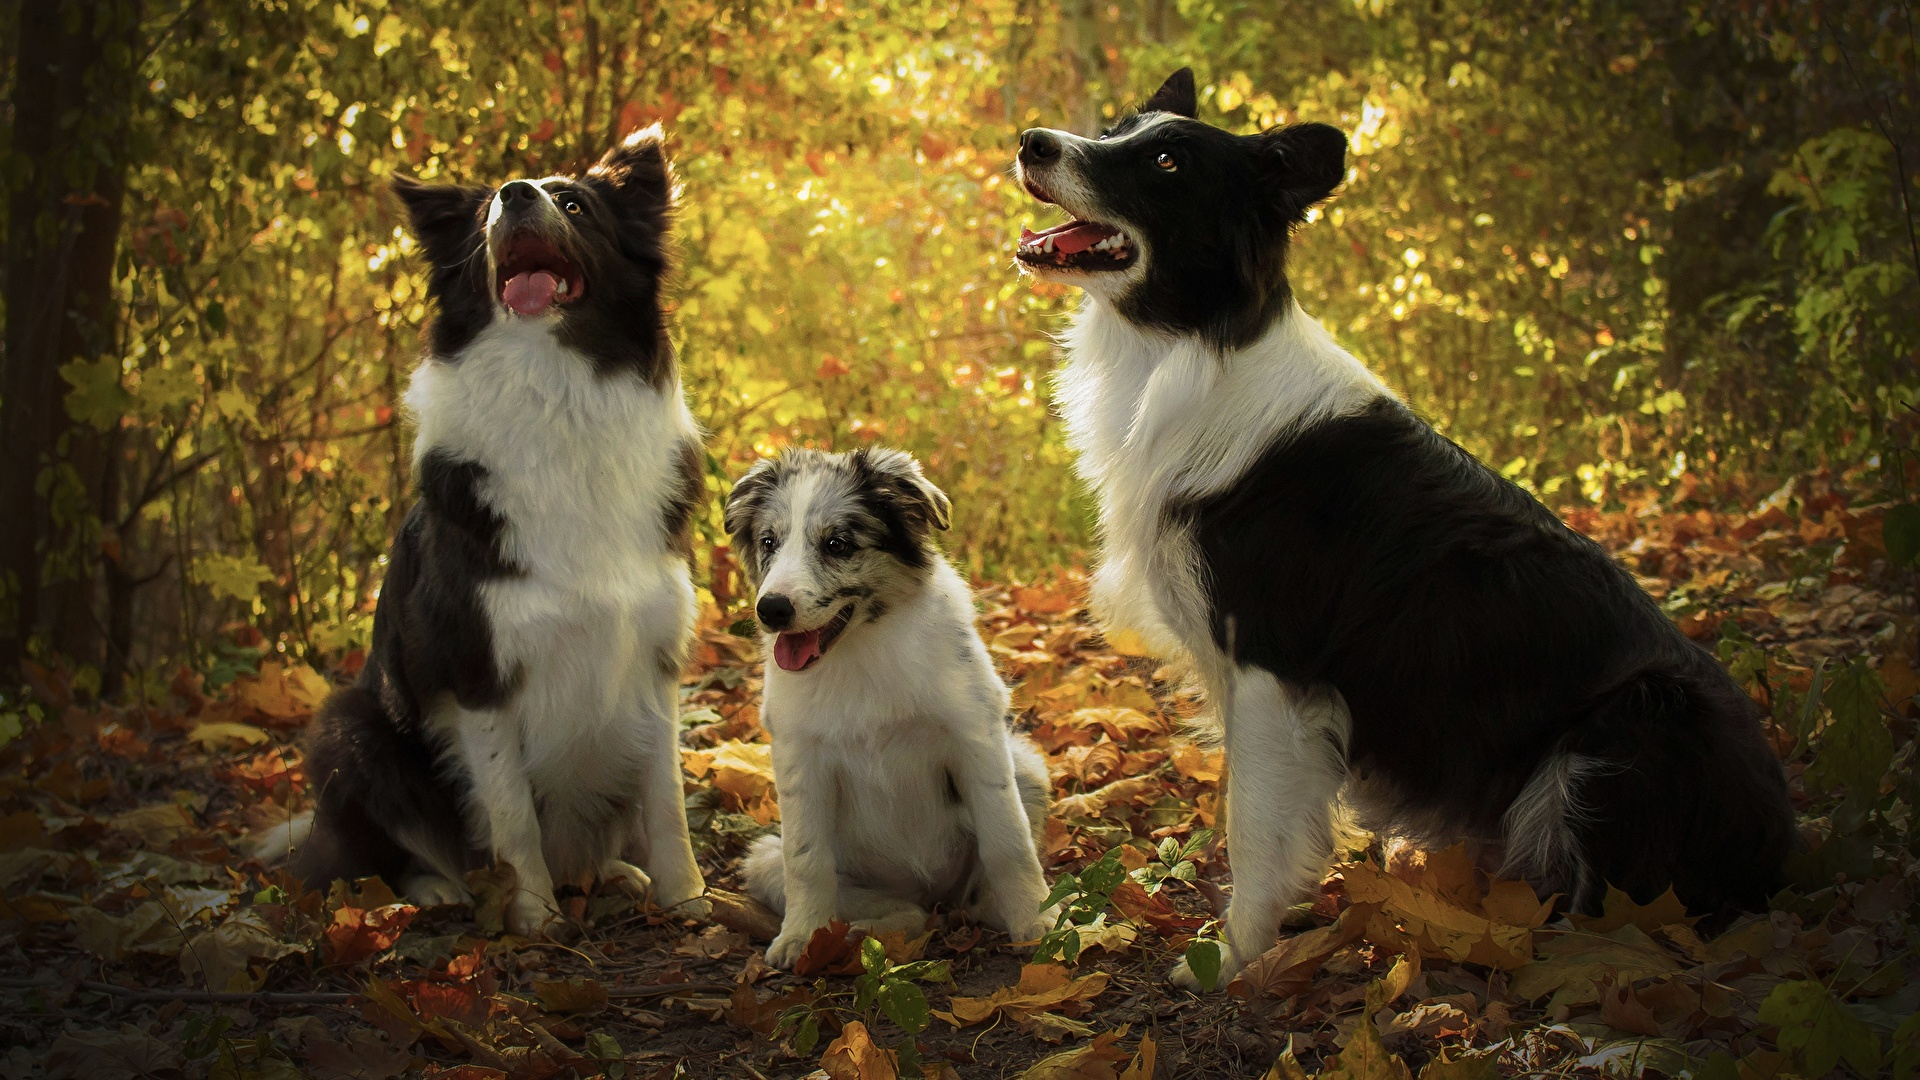 Фотографии Щенок Бордер-колли Собаки втроем Животные 1920x1080 Трое 3